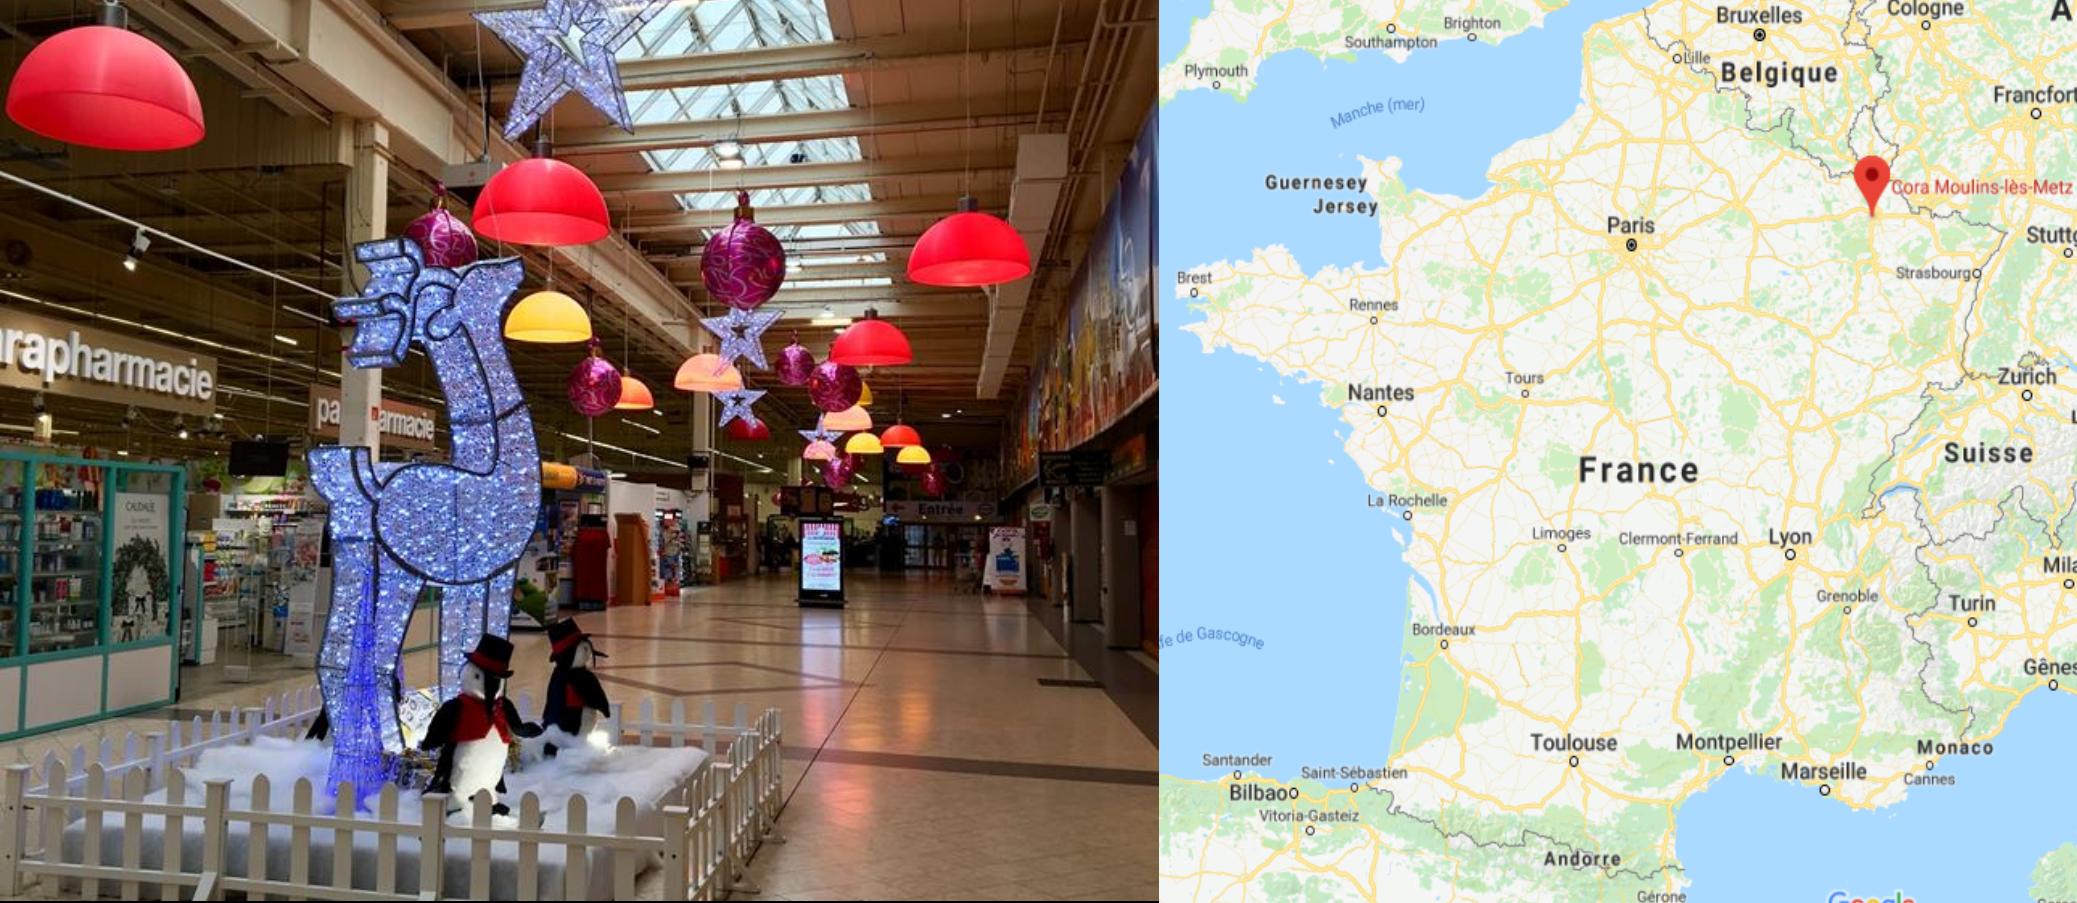 Centre commercial Cora Moulins-Lès-Metz